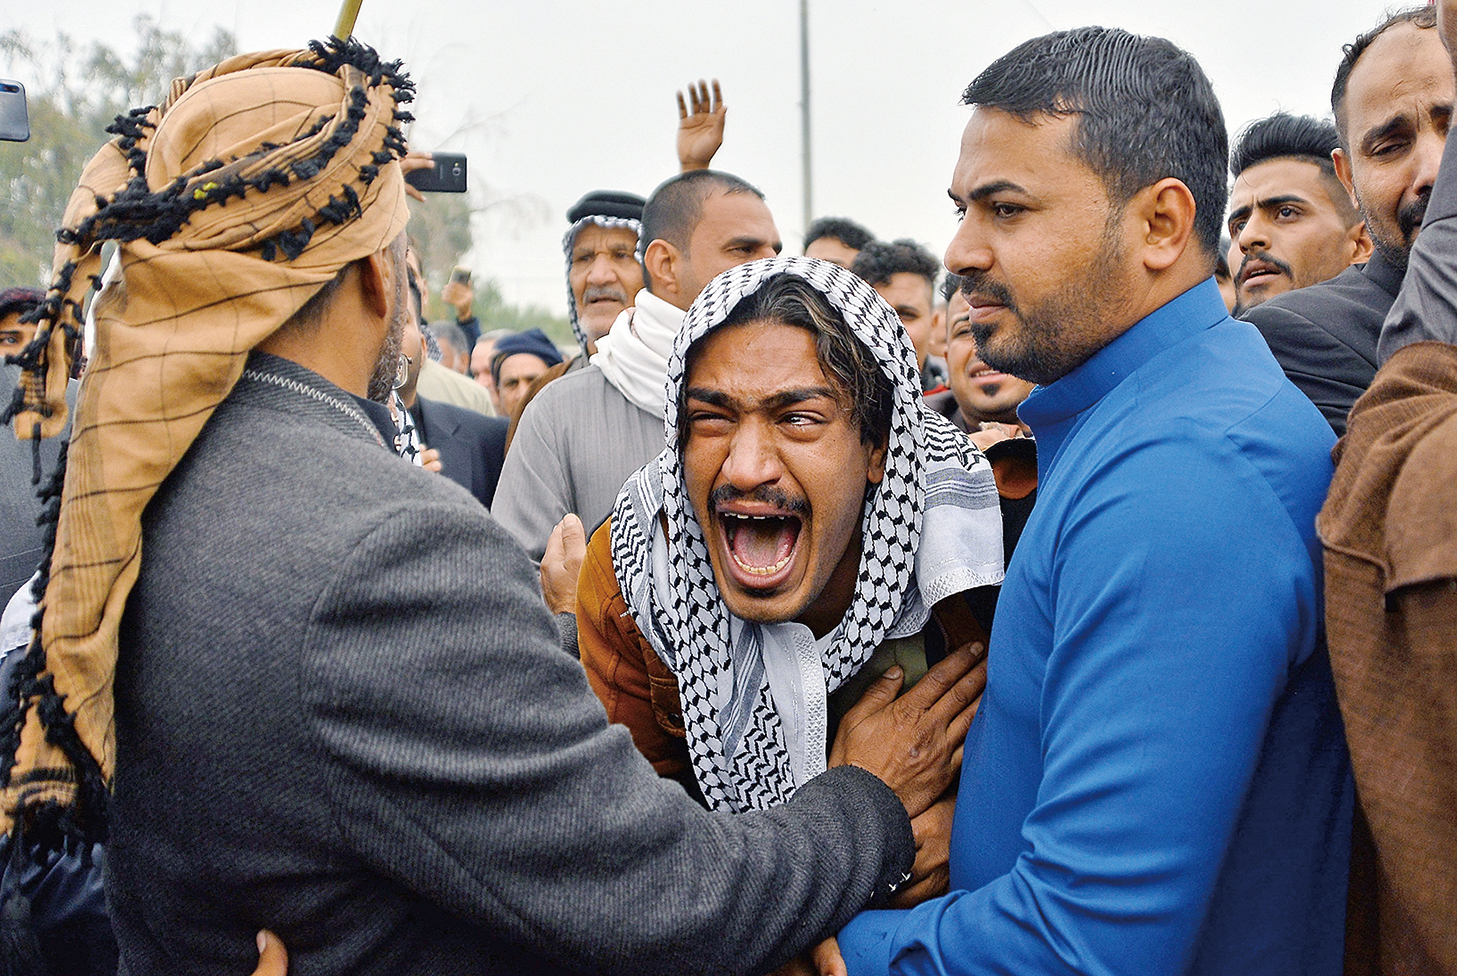 伊朗當局對示威民眾採取暴力鎮壓,很多示威者被打死。圖中男子因為失去了一位兄弟而悲痛欲絕。(Getty Images)